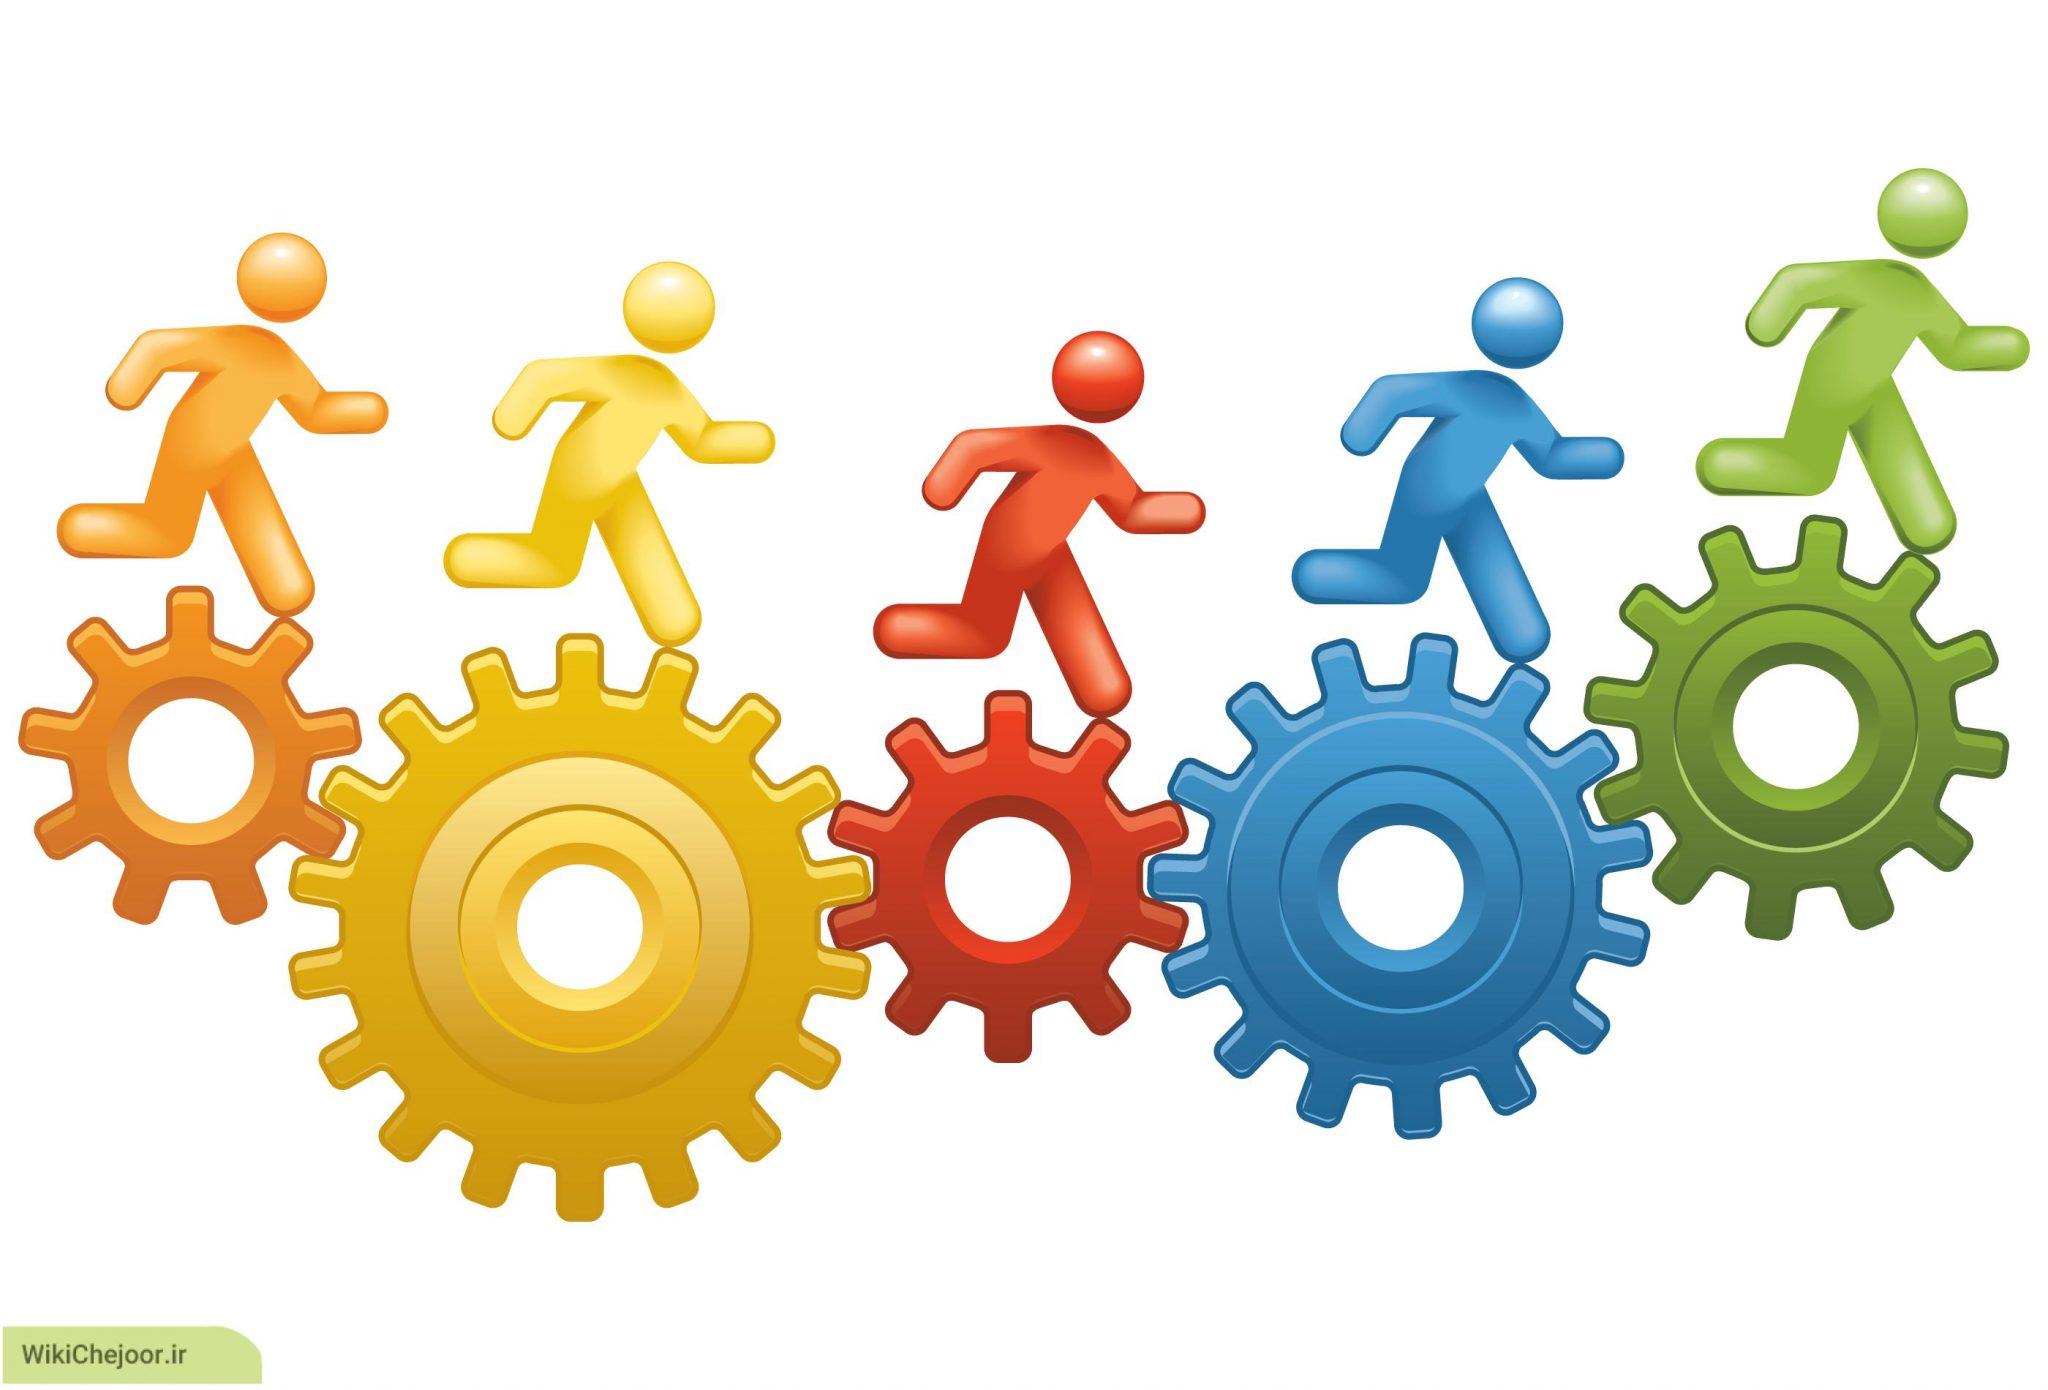 چگونه برنامه ریزی راهبردی شخصی برای کسب و کارمان داشته باشیم؟